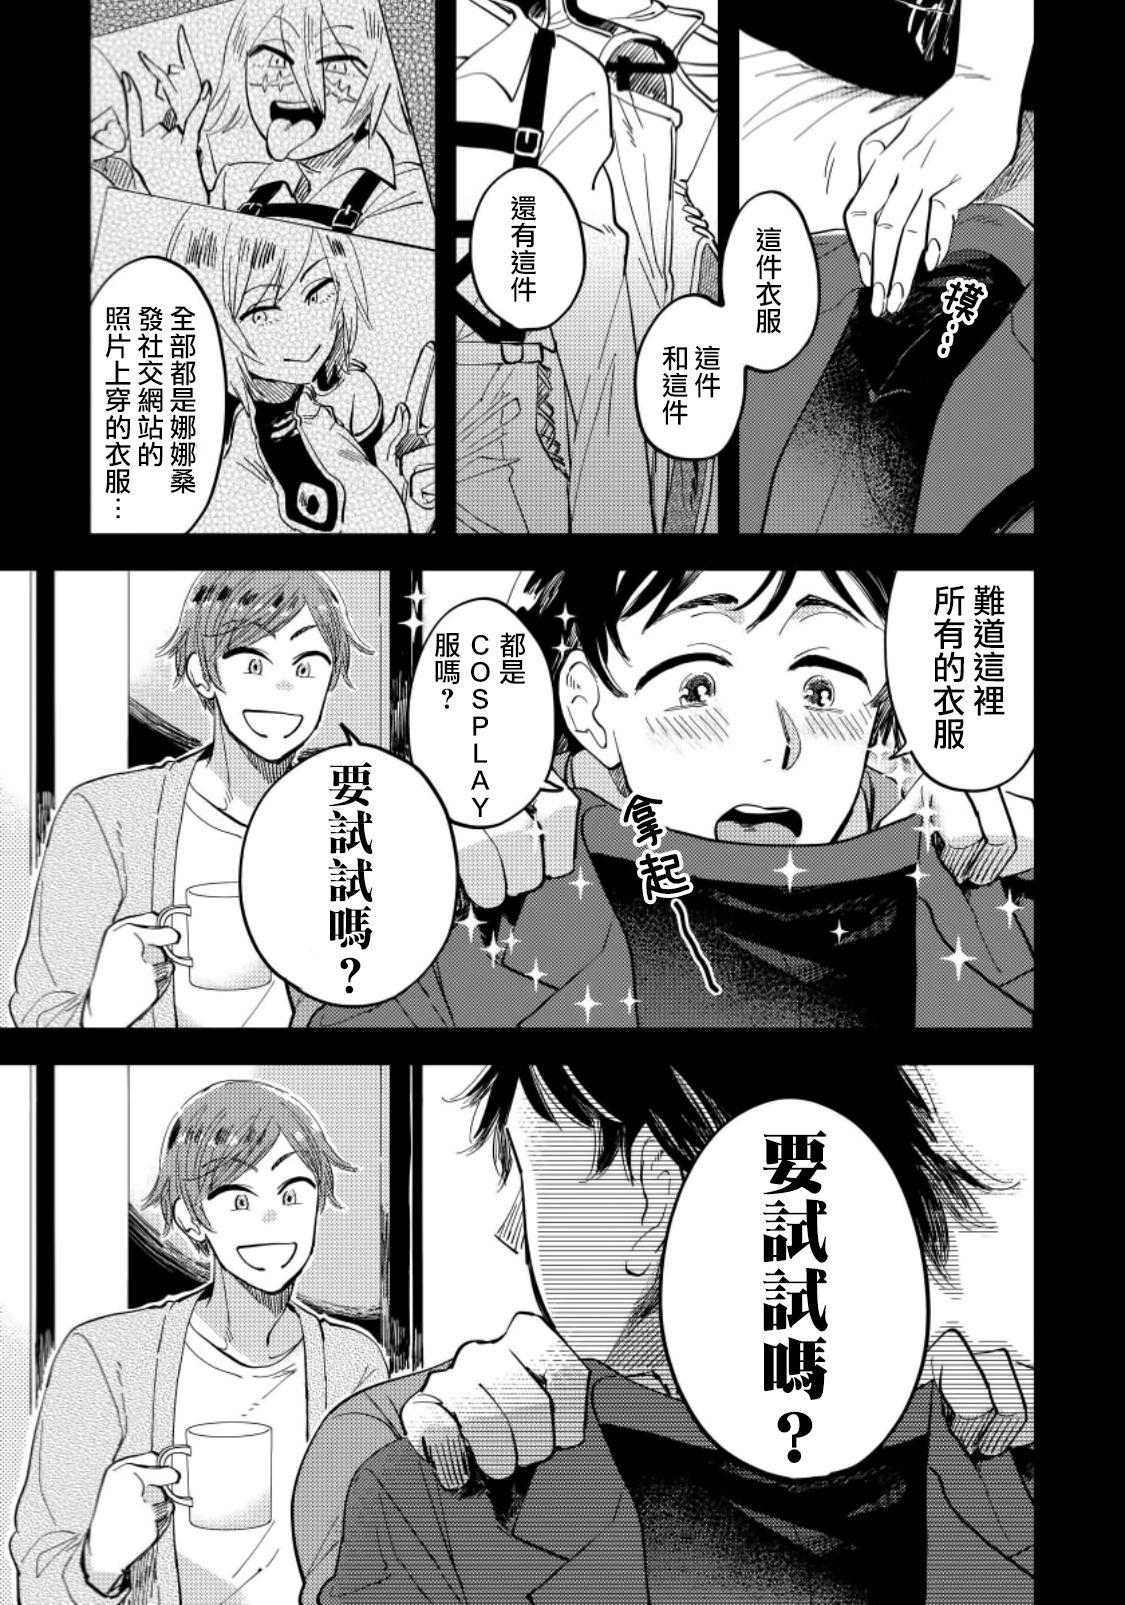 Josou Onii-san ga Nonke o Torotoro ni Naru made Kaihatsu Shitara 4 丨女裝大哥哥把直男黏糊糊的地方開發了的話 只靠後面高潮的樣子讓我看看吧 4 7